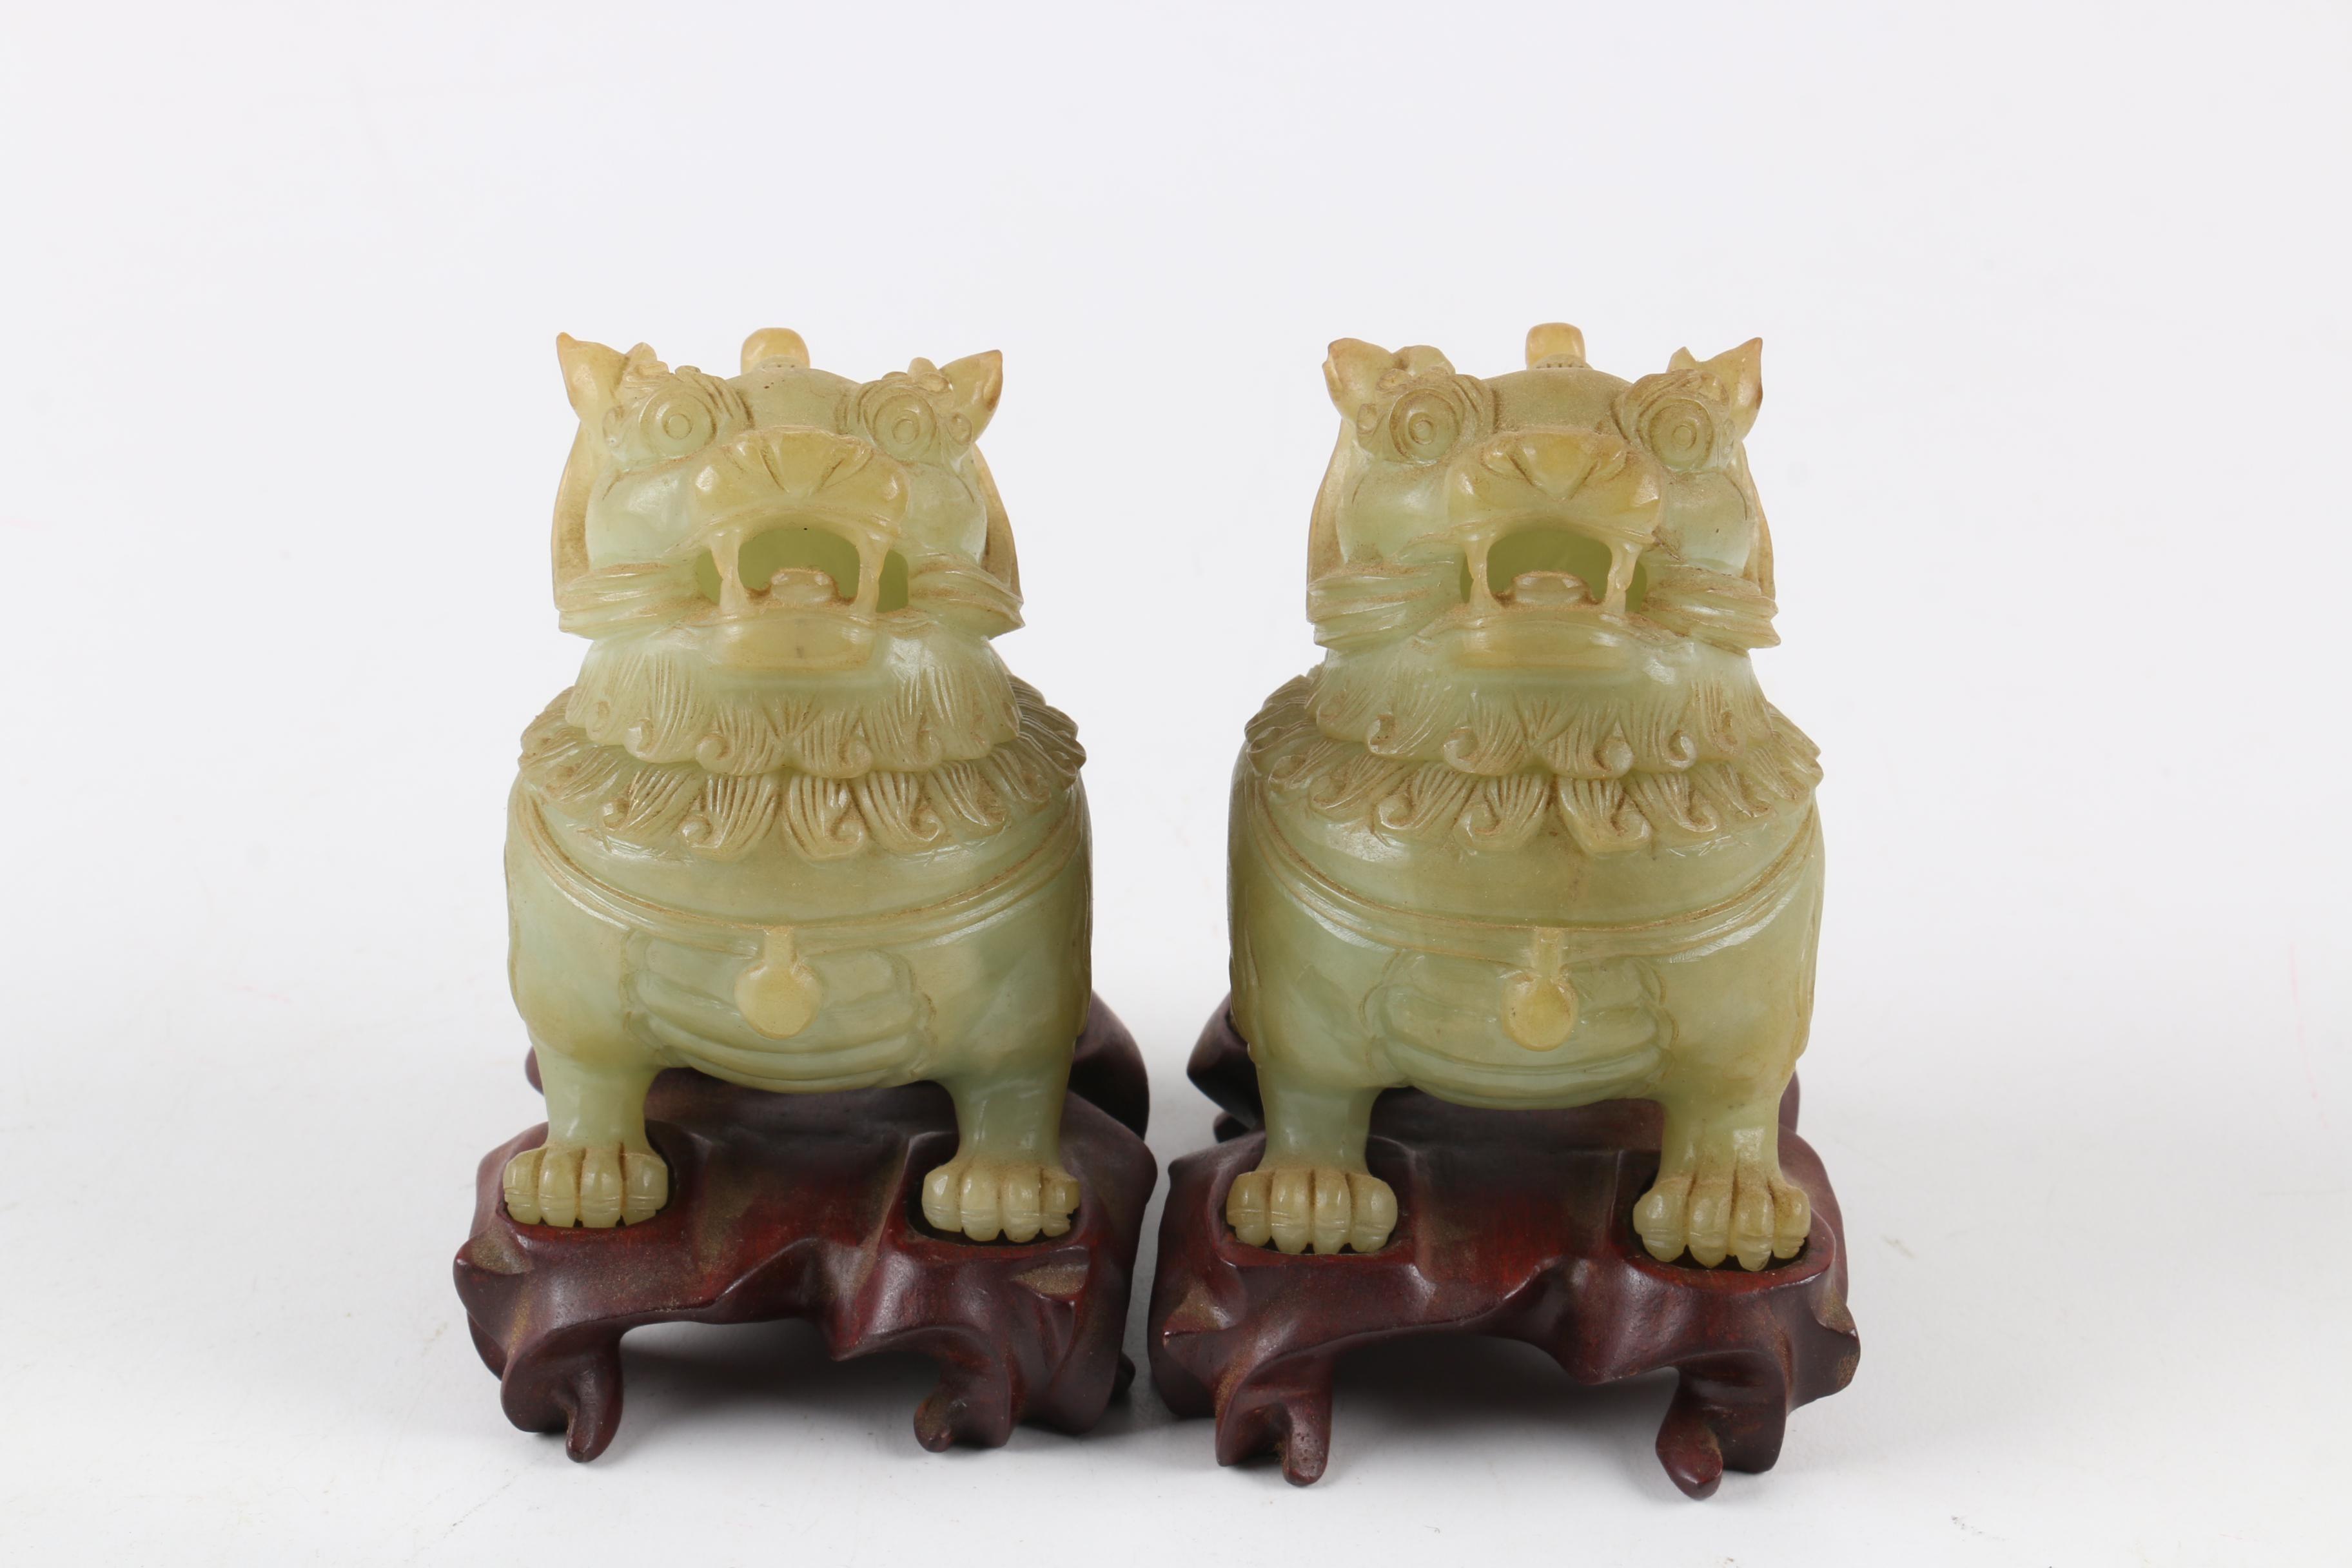 Chinese Bowenite Guardian Lion Jars